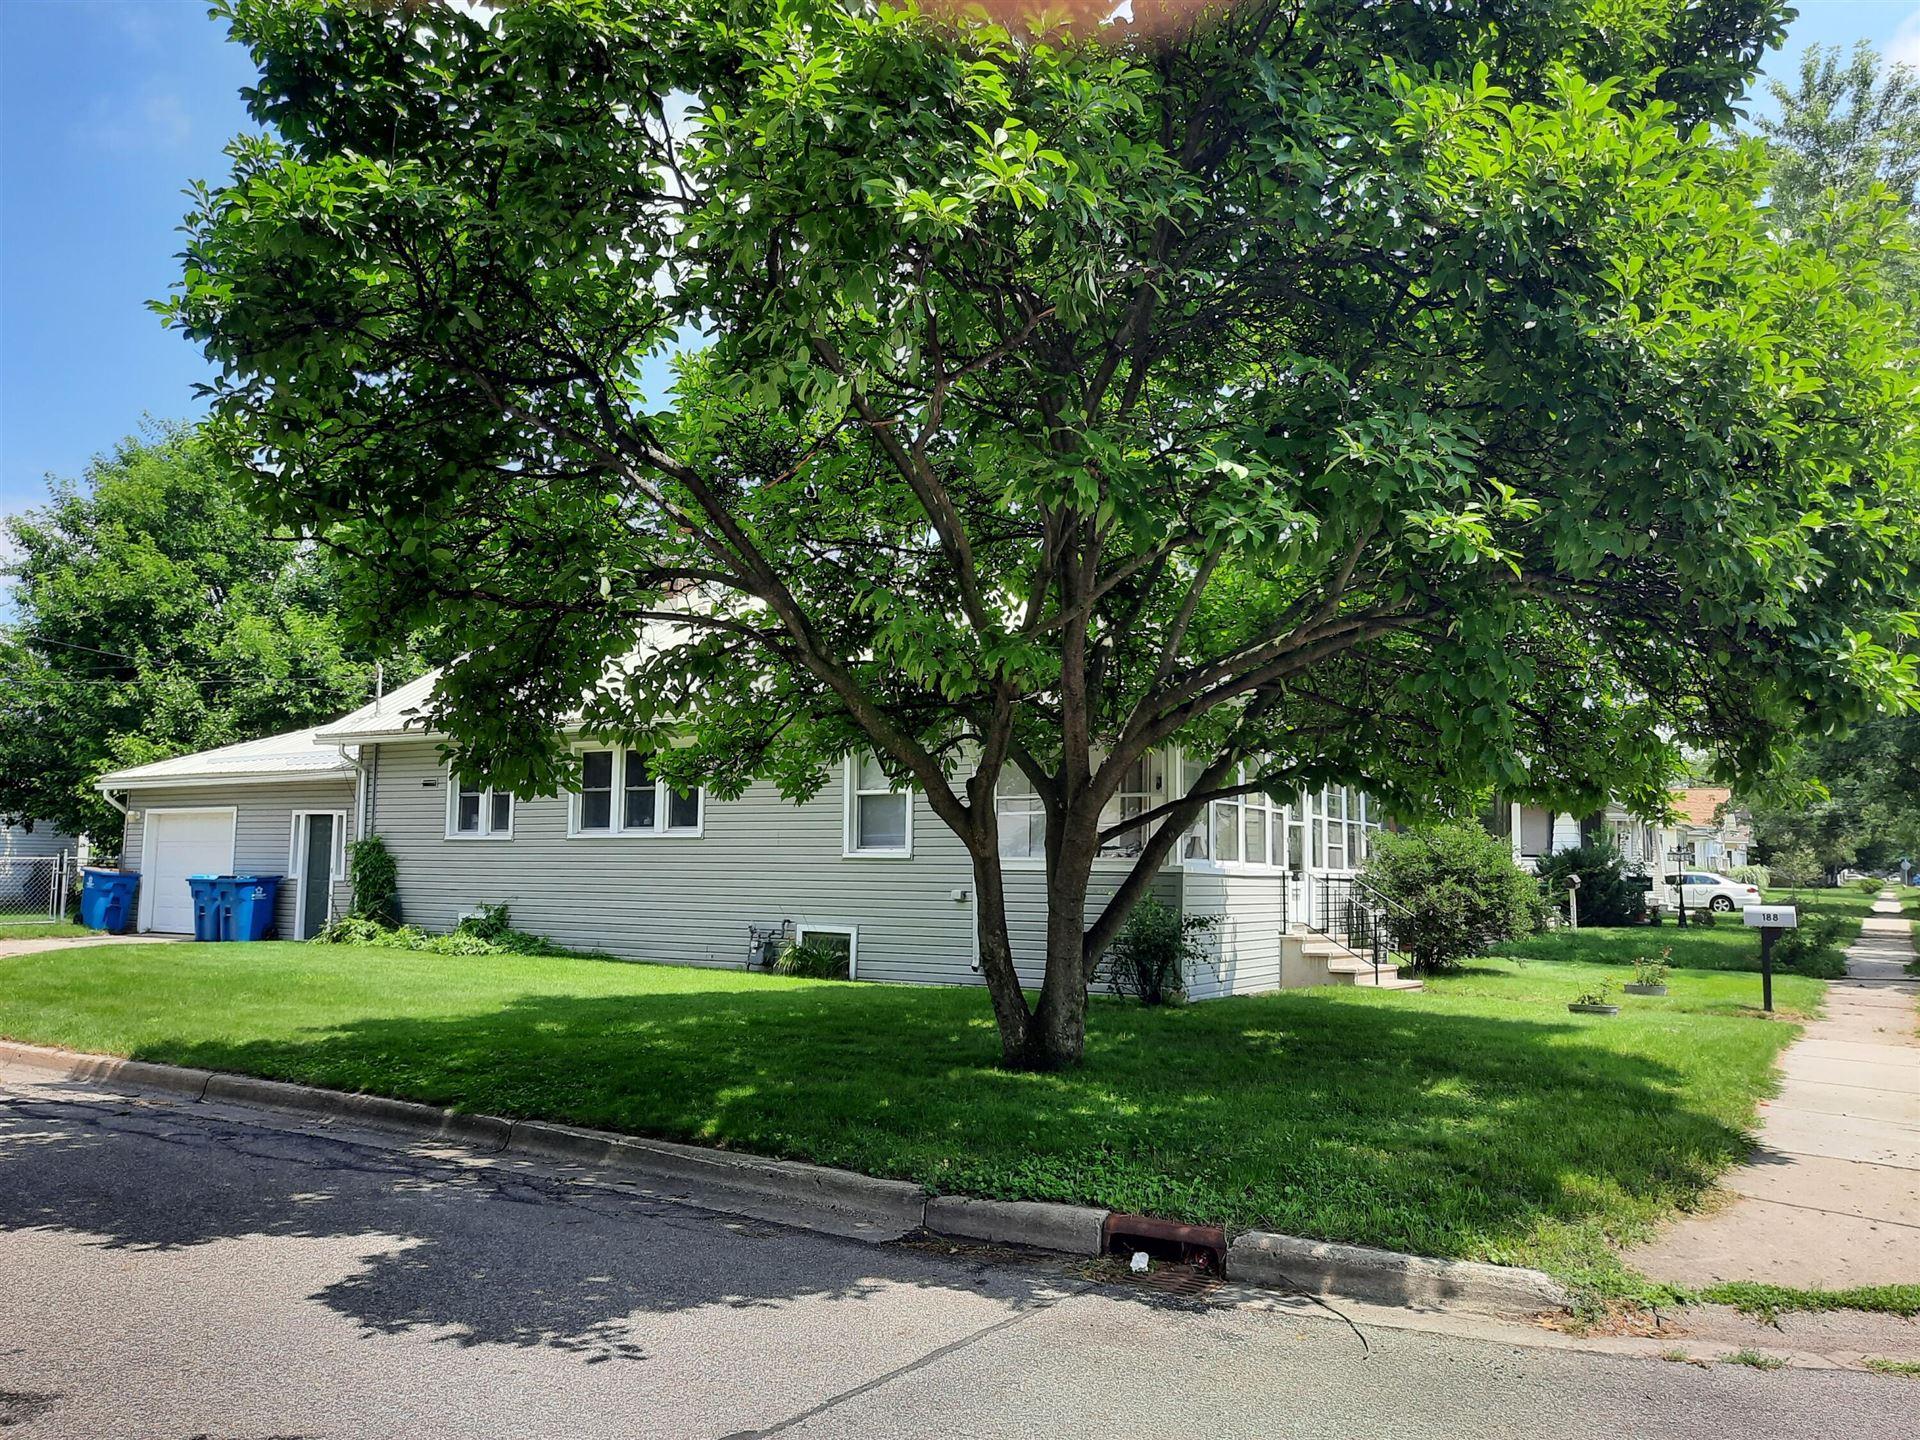 188 W Bidwell Street, Battle Creek, MI 49015 - MLS#: 21078052